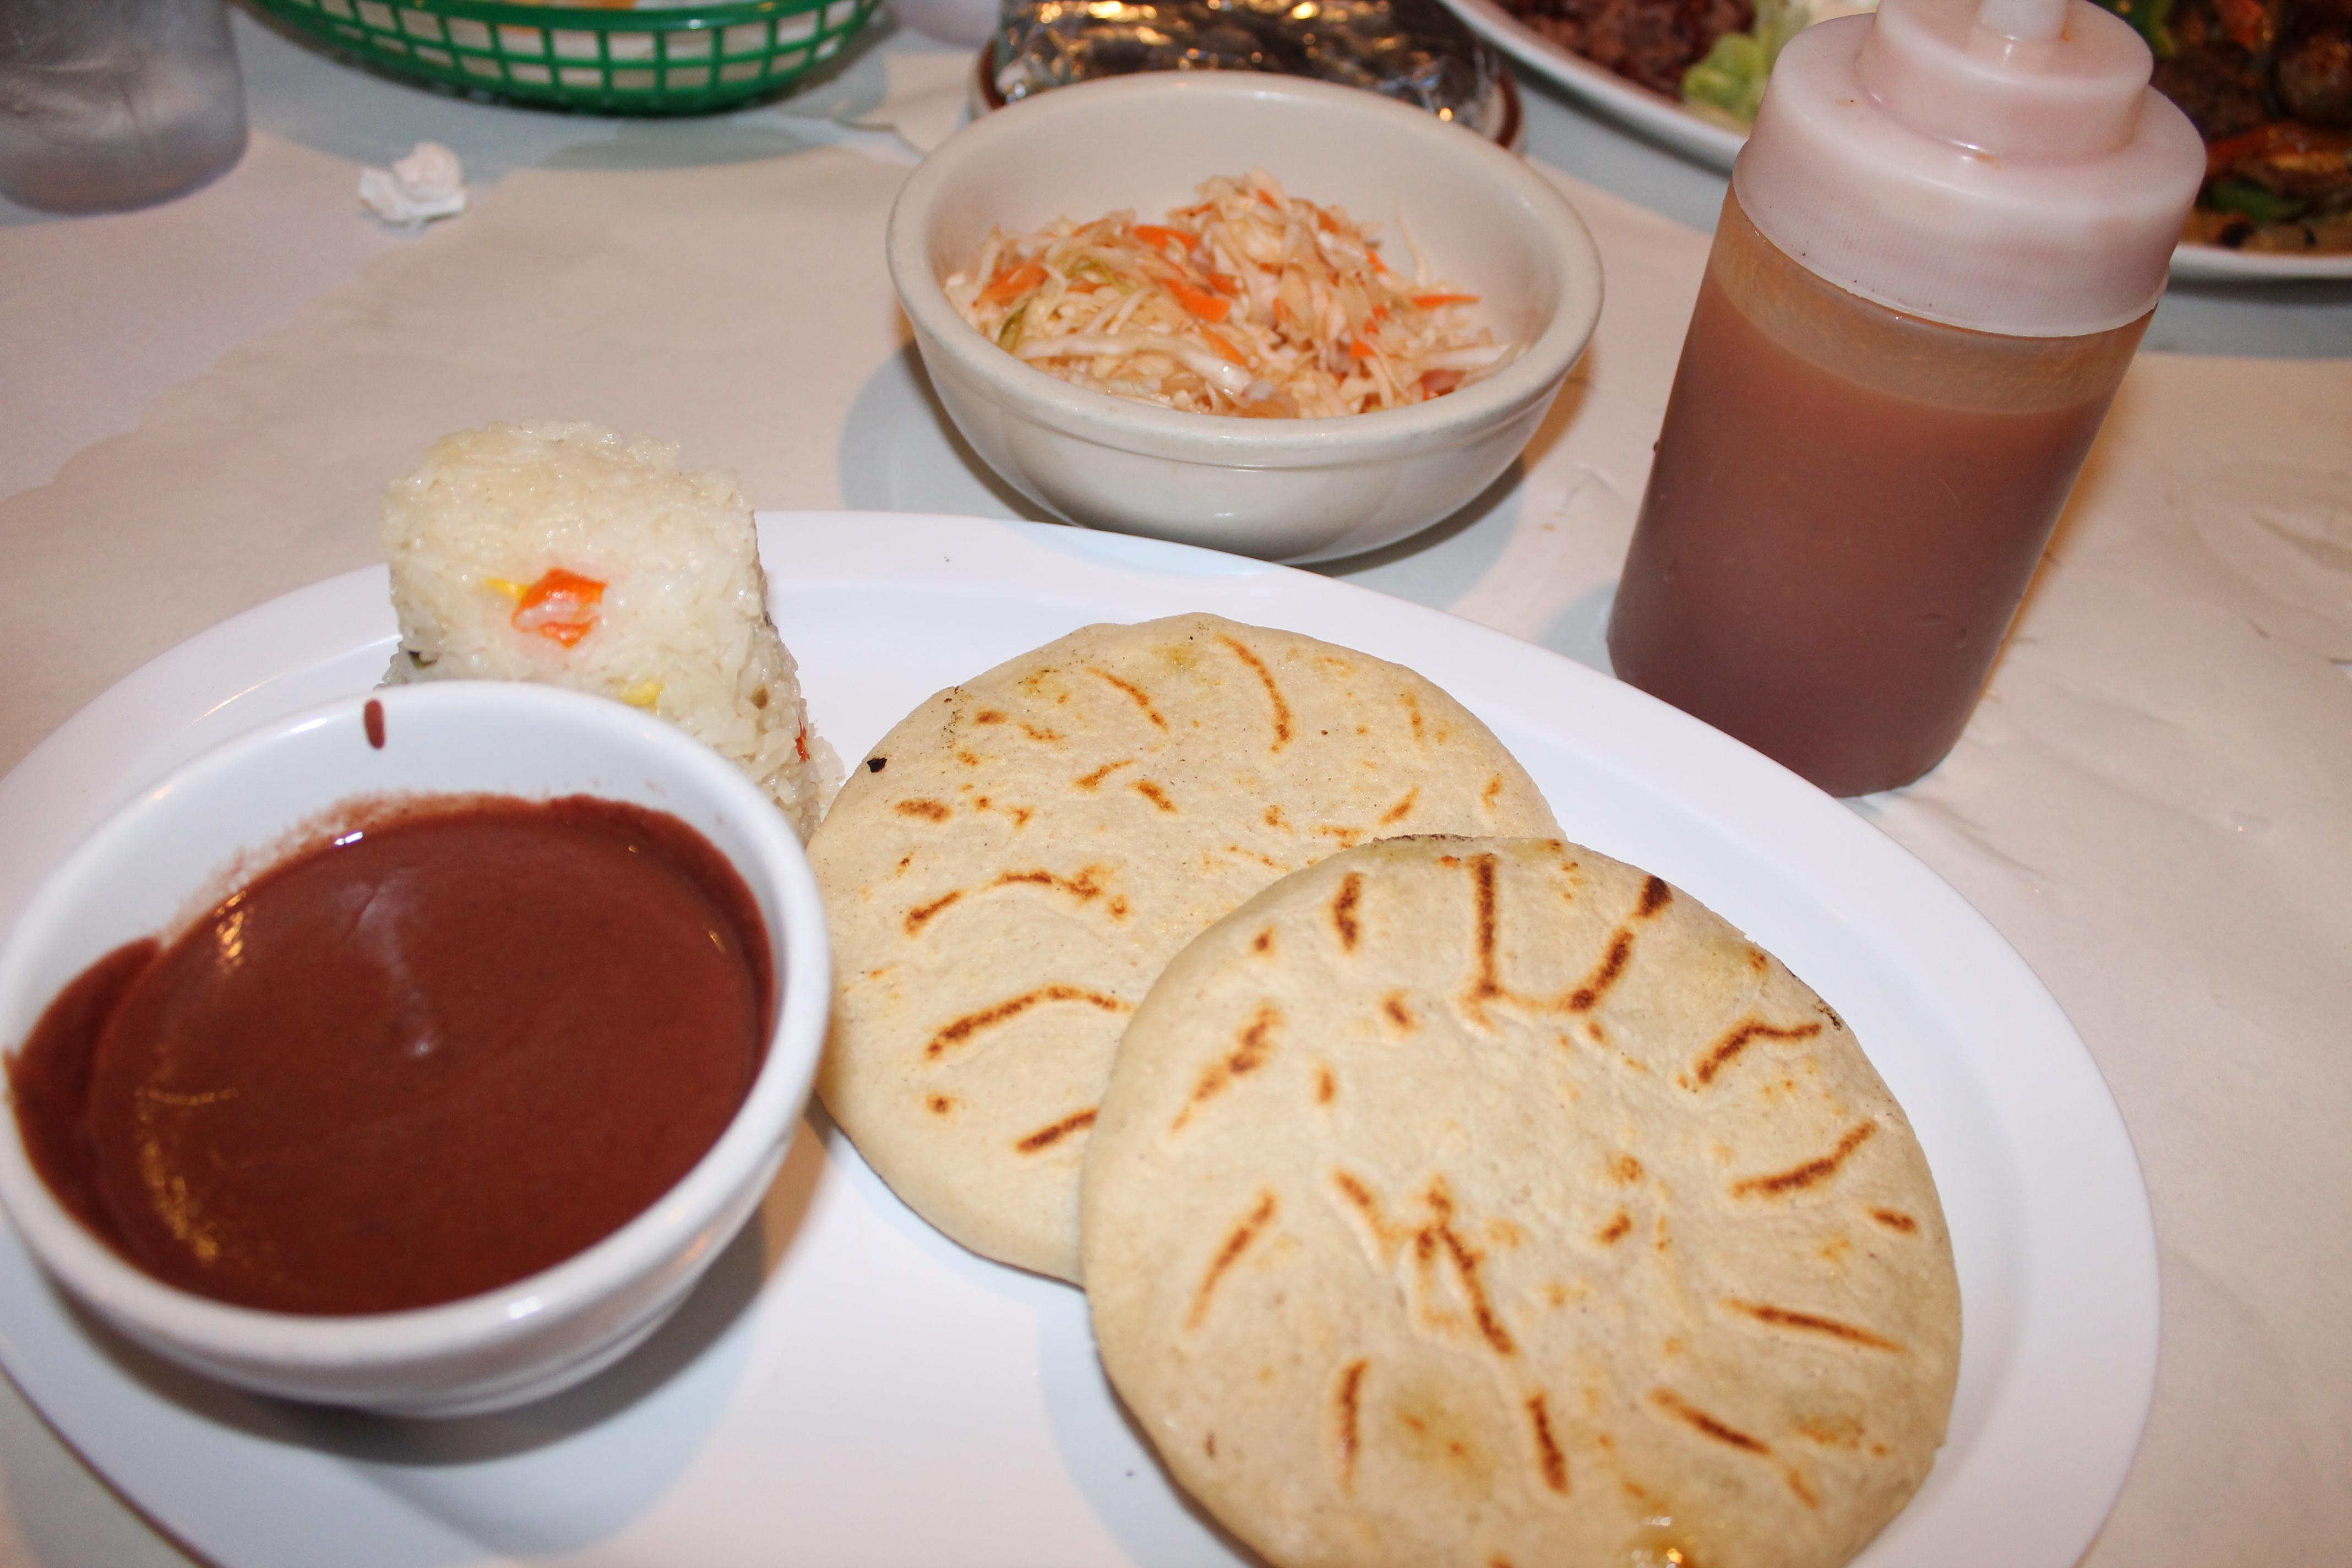 Restaurante El Salvador Concord Ca Seasoning And Salt